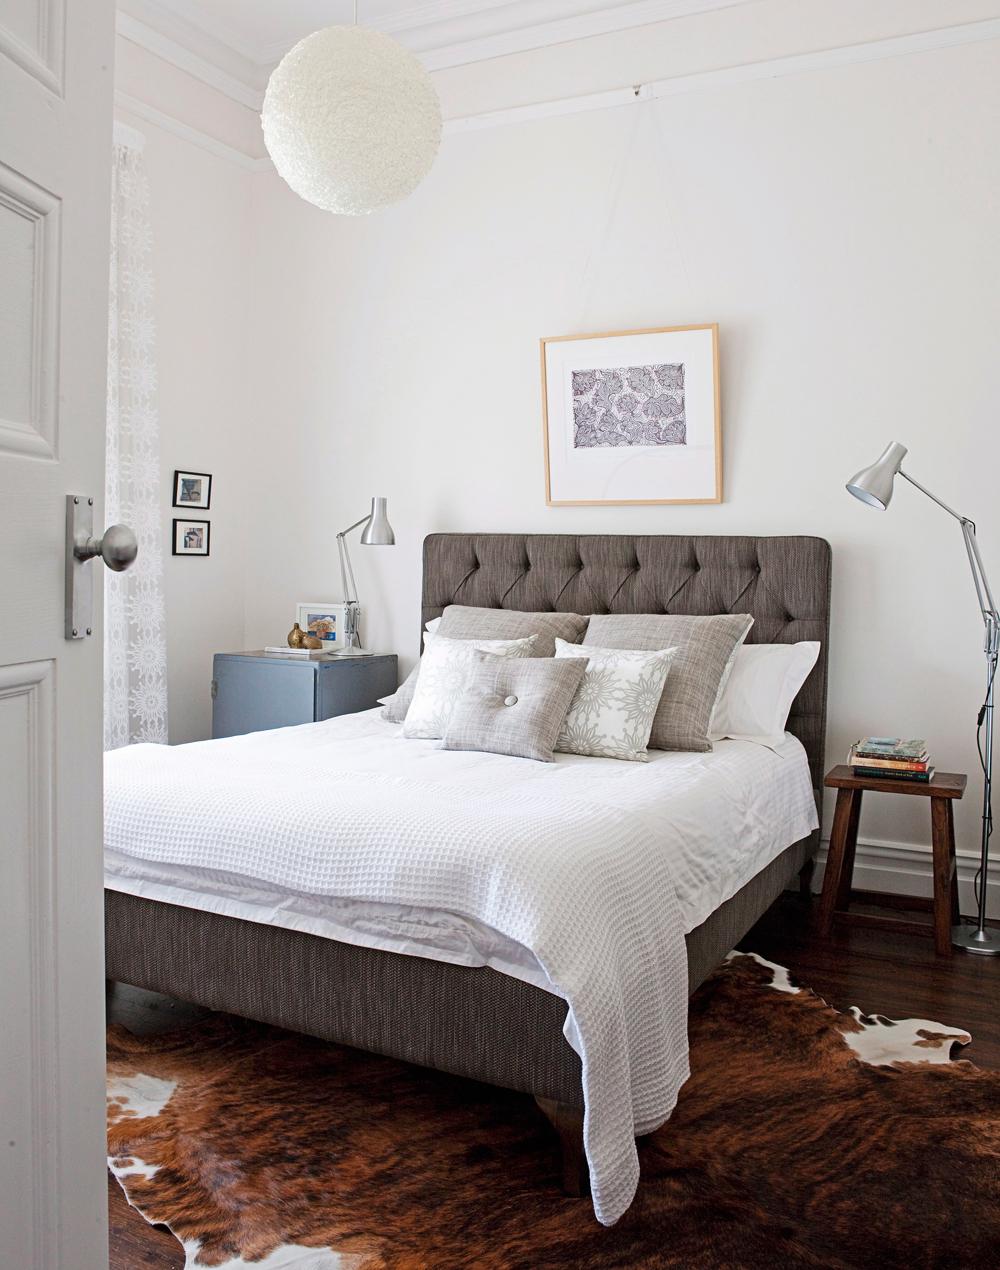 Die 16 inspirierendsten Schlafzimmer - Westwing Magazin